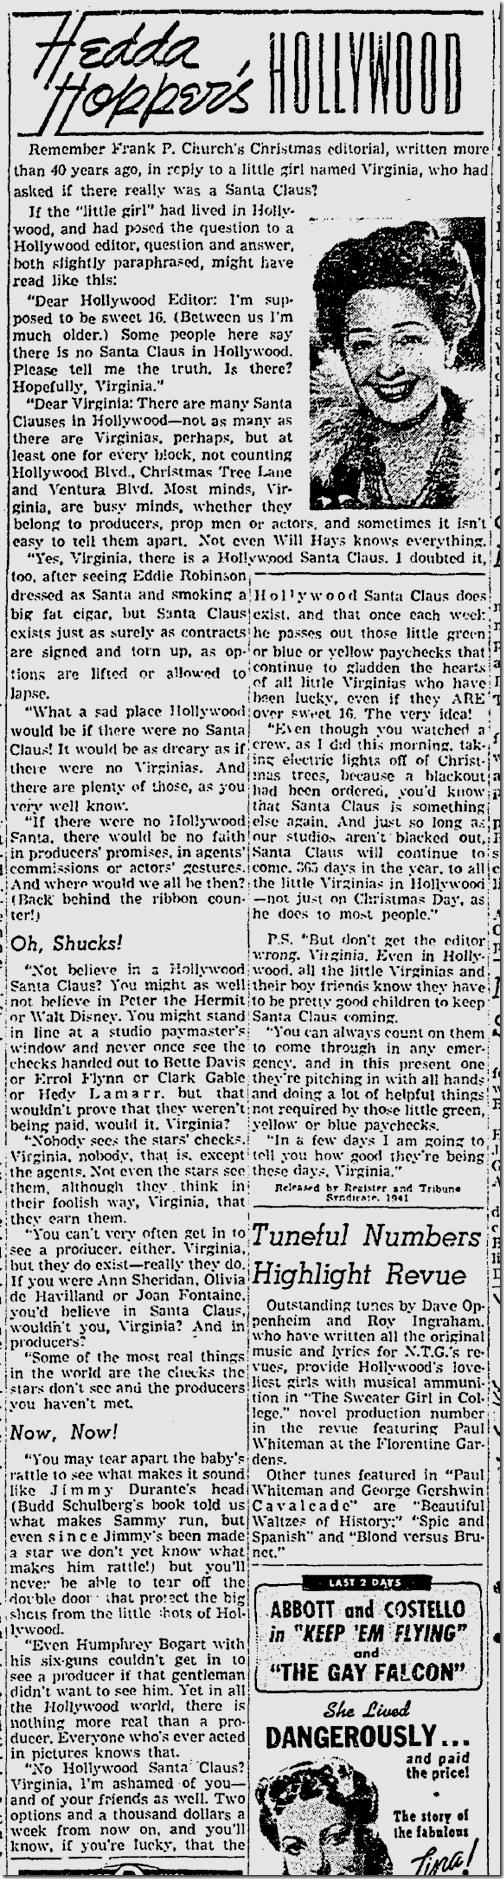 Dec. 15, 1941, Hedda Hopper